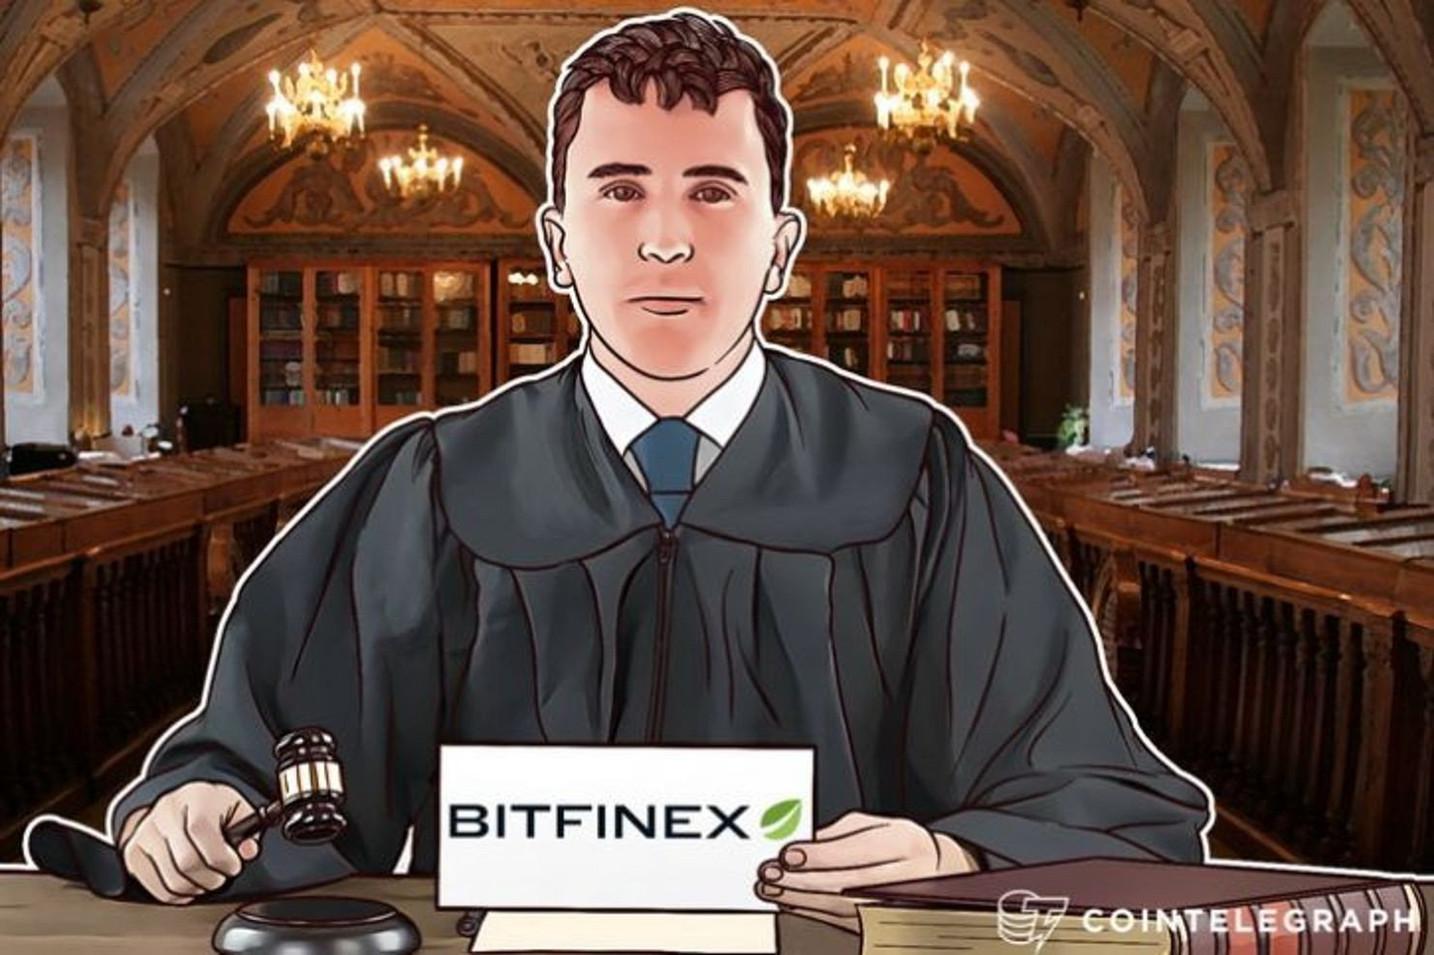 仮想通貨取引所ビットフィネックスが証拠開示手続きを申請【ニュース】